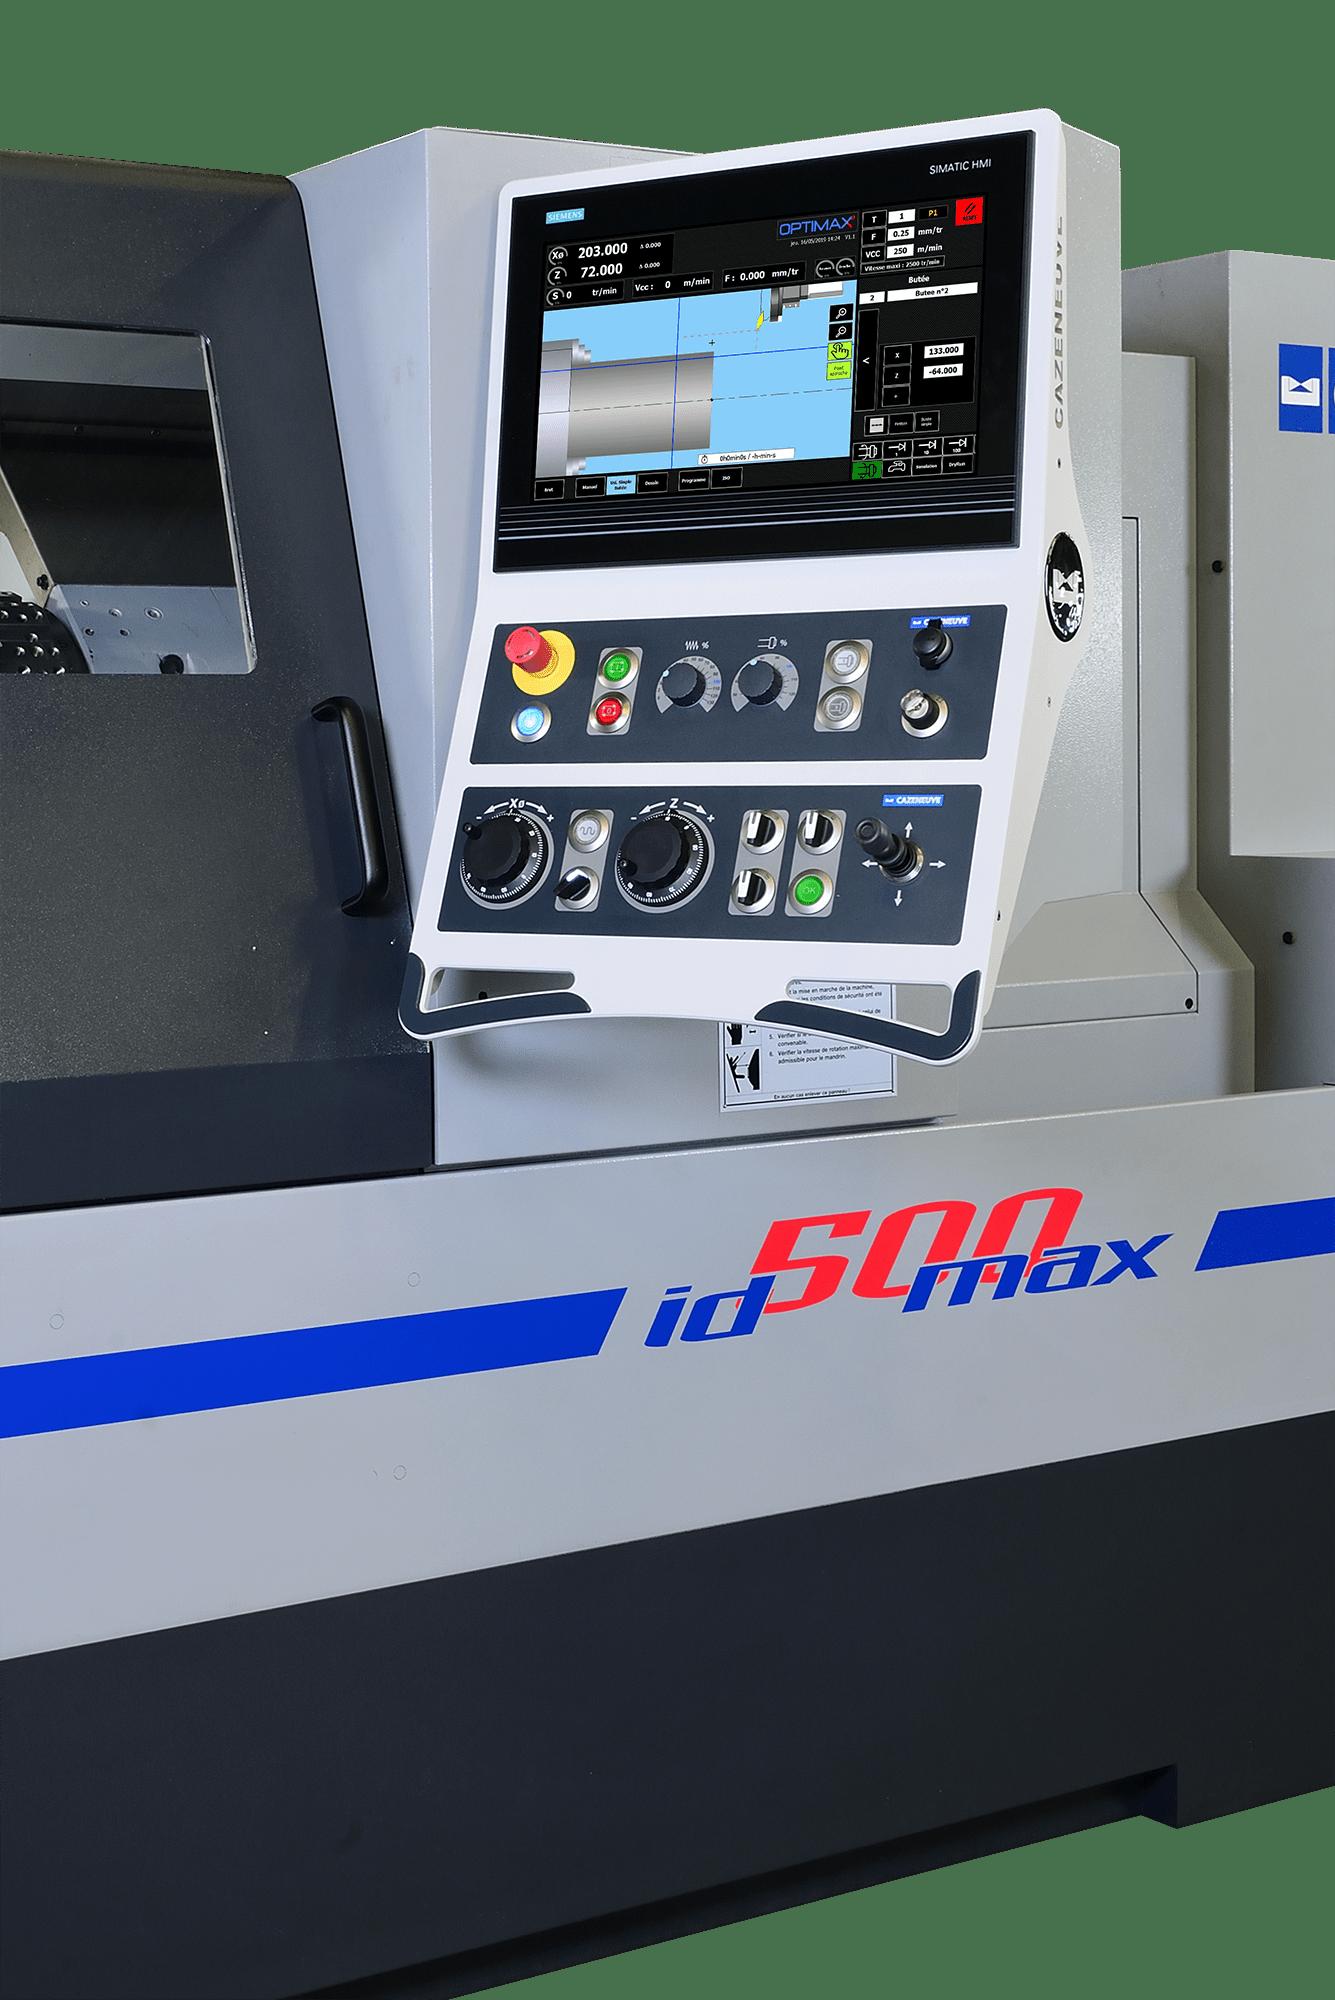 Pupitre iD-MAX 500